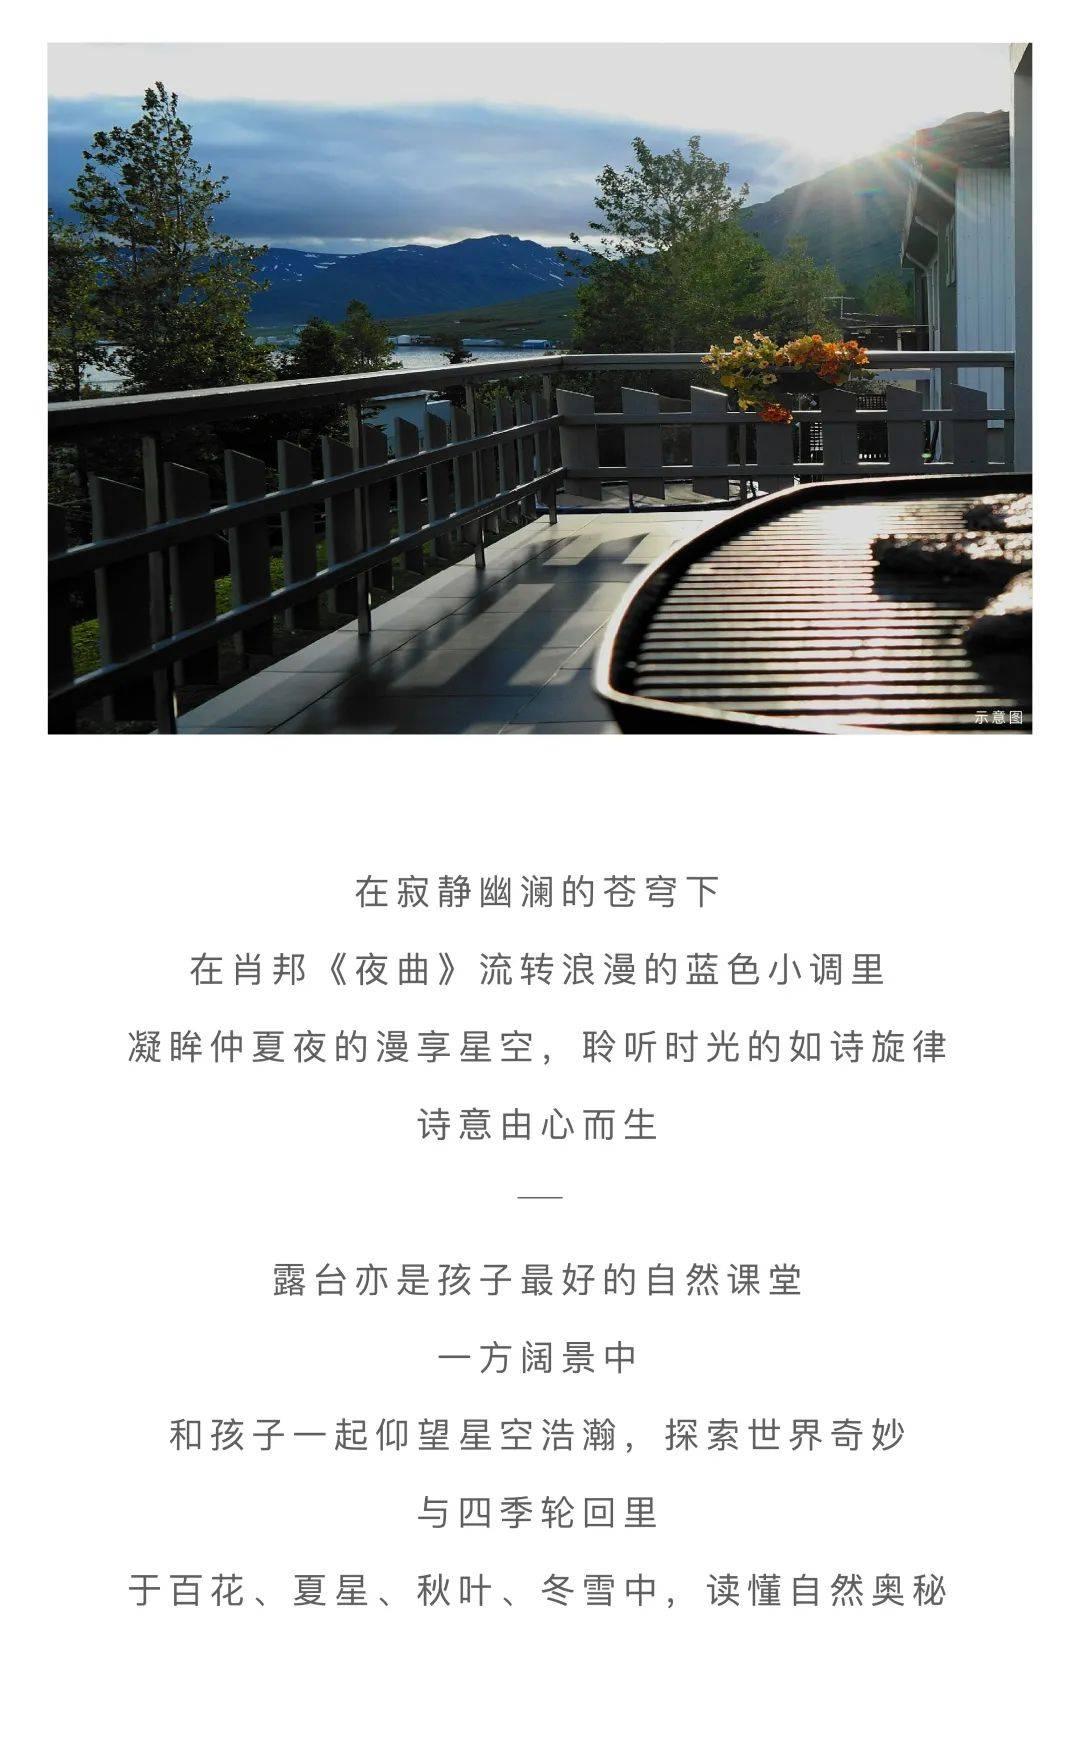 上海崇明东滩云墅真是忒火了!东滩云墅火到不行!东滩云墅真是百闻不如一见!